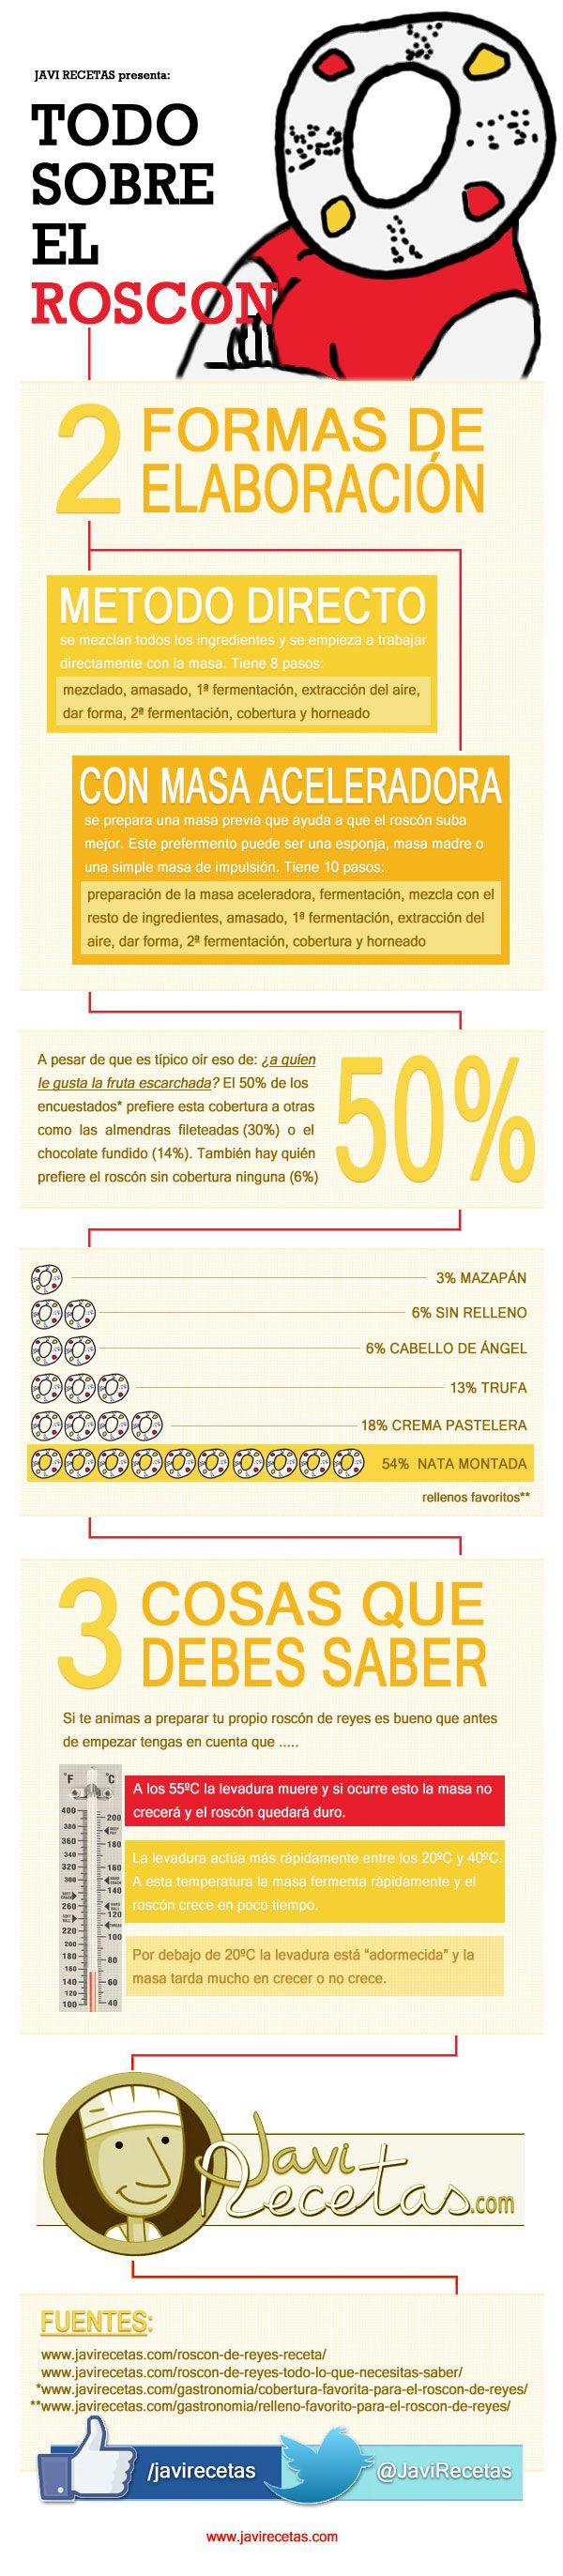 Todo sobre la Rosca de Reyes el cual es un pan horneado tipico en Mexico  #infografia #infographic